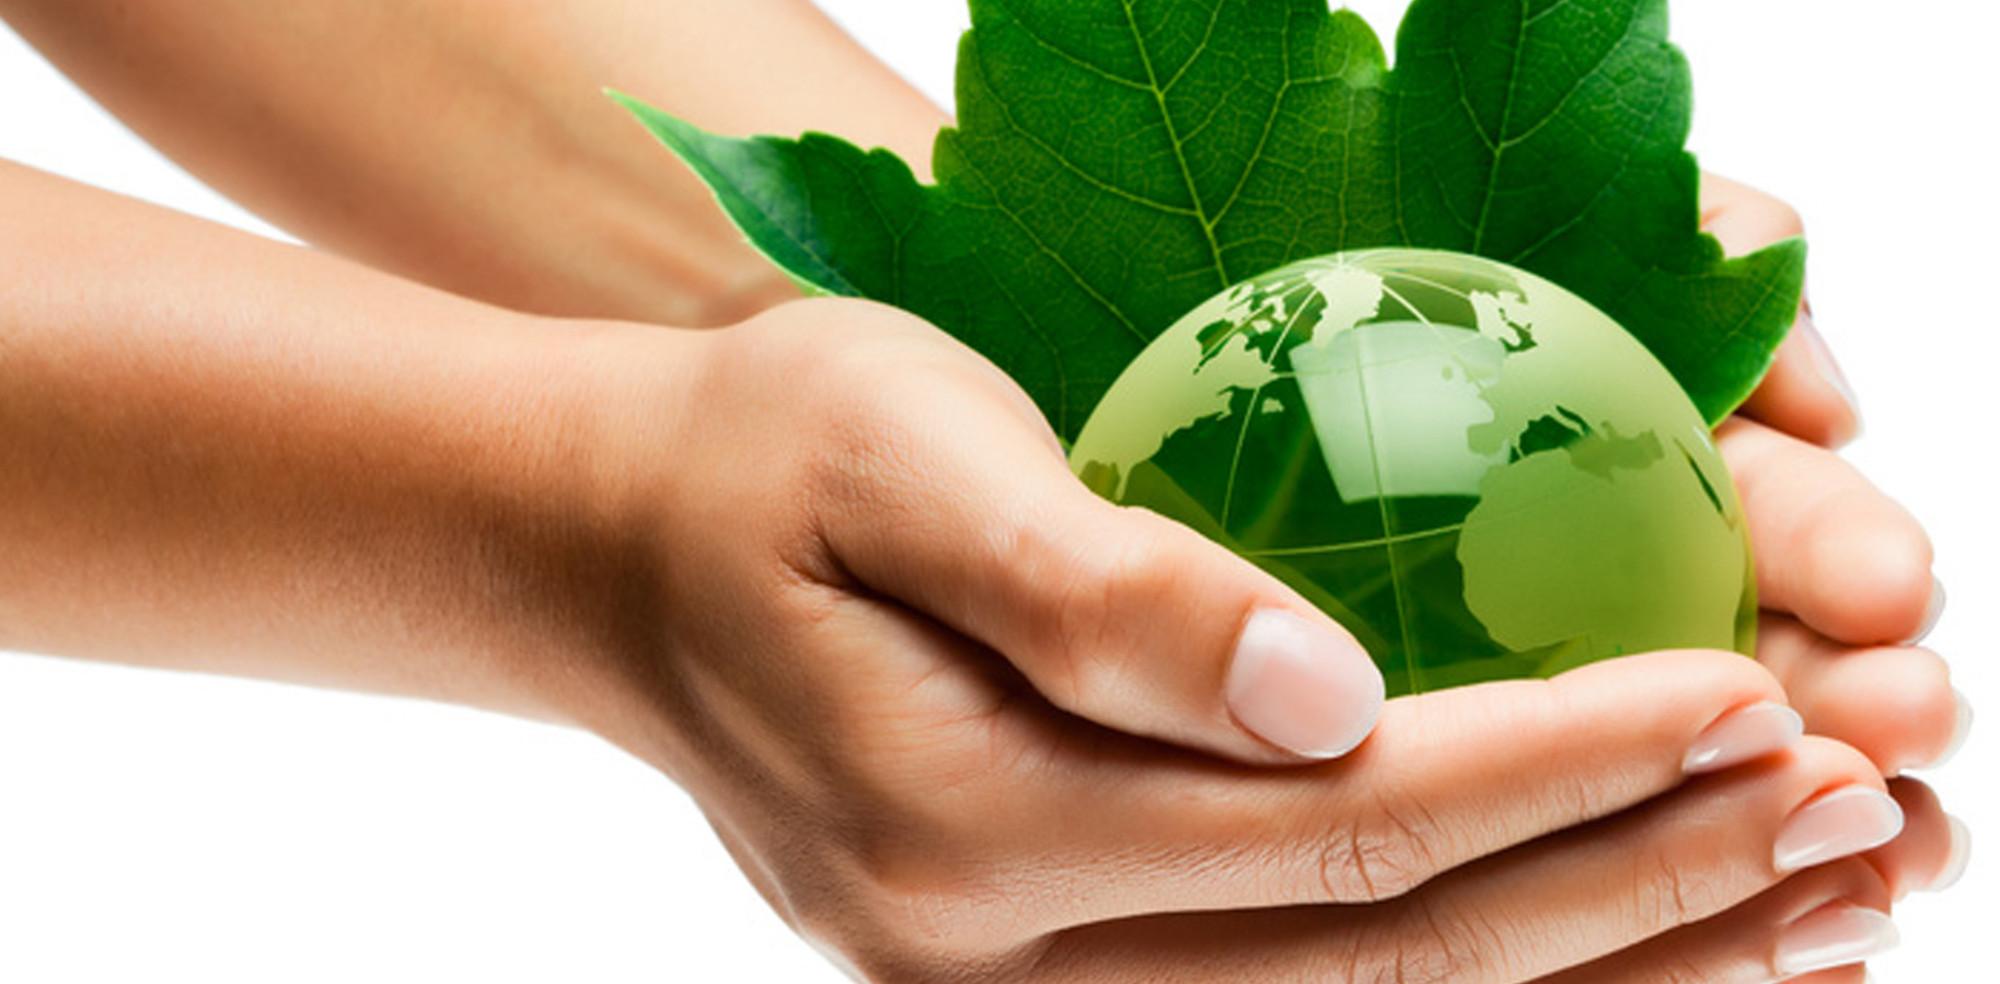 efiteks - eficiencia energetica - efiteks - Empresa Granadina de eficiencia energetica